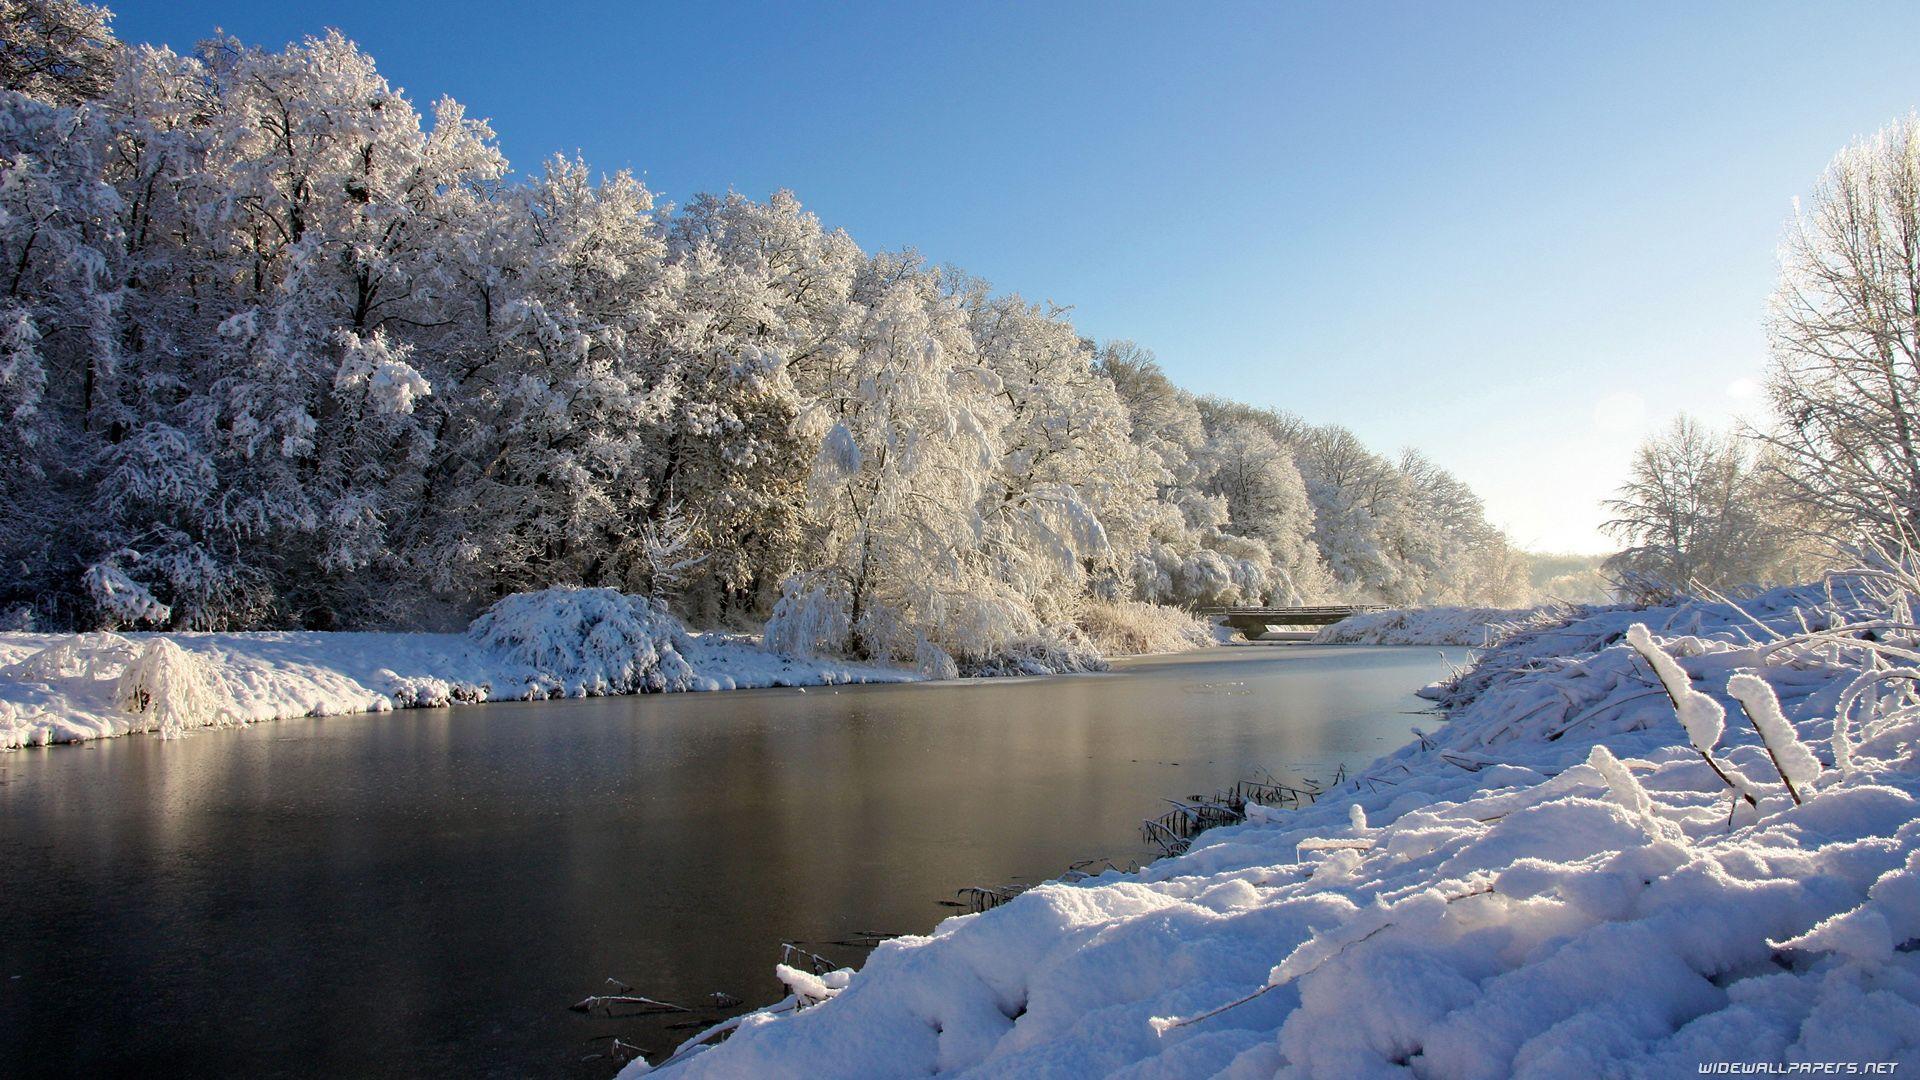 Paysage d hiver gratuit se rapportant fond d 39 cran hd paysage neige hiver fond d 39 cran hd - Paysage enneige dessin ...